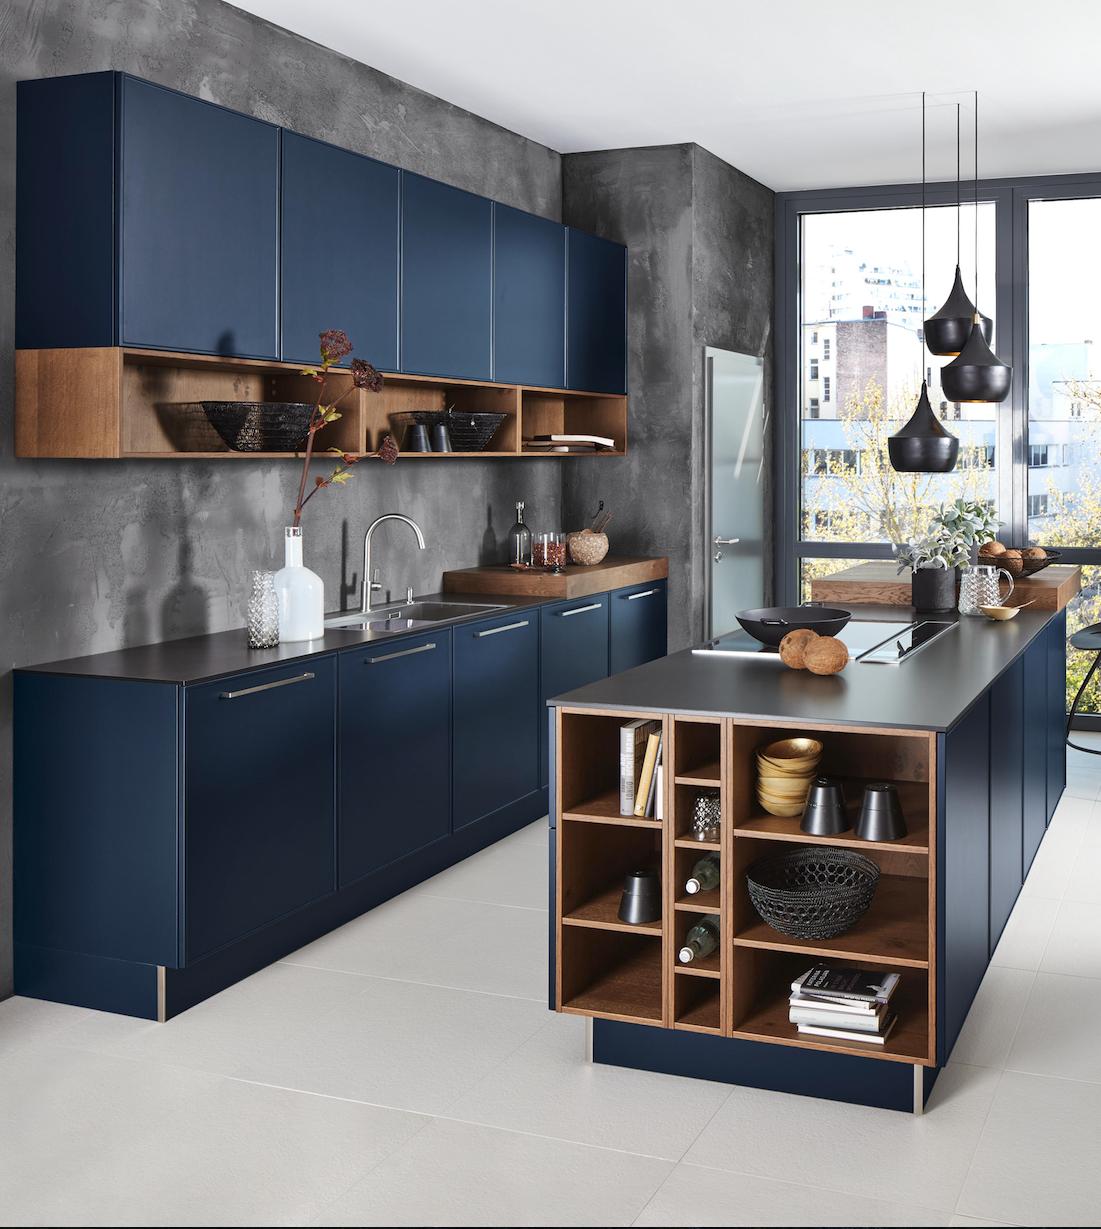 design-küche in elegantem blau mit kochinsel (mit bildern